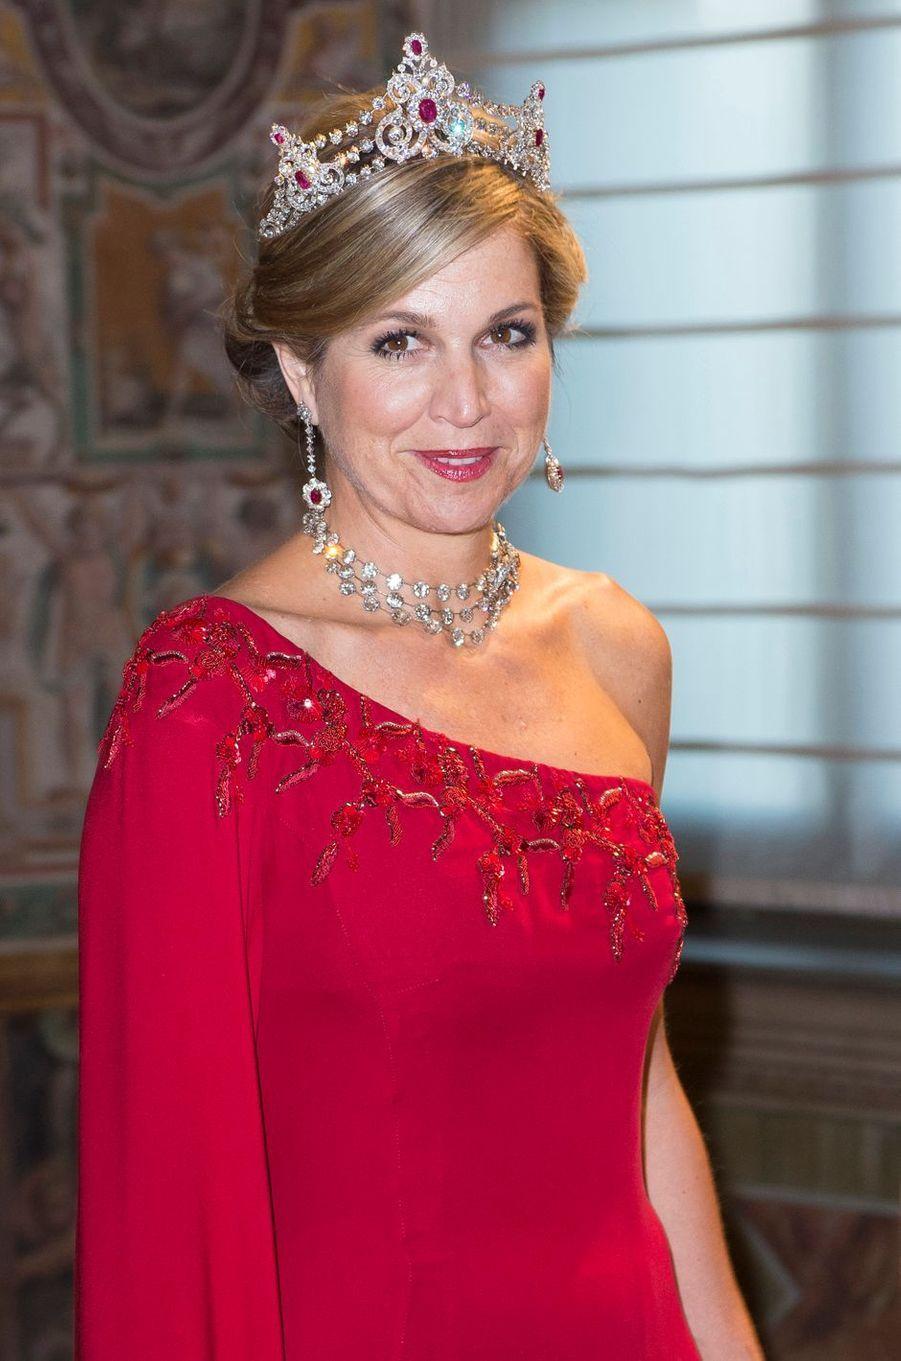 La reine Maxima des Pays-Bas parée de la tiare Mellerio en rubis et diamants à Rome, le 20 juin 2017